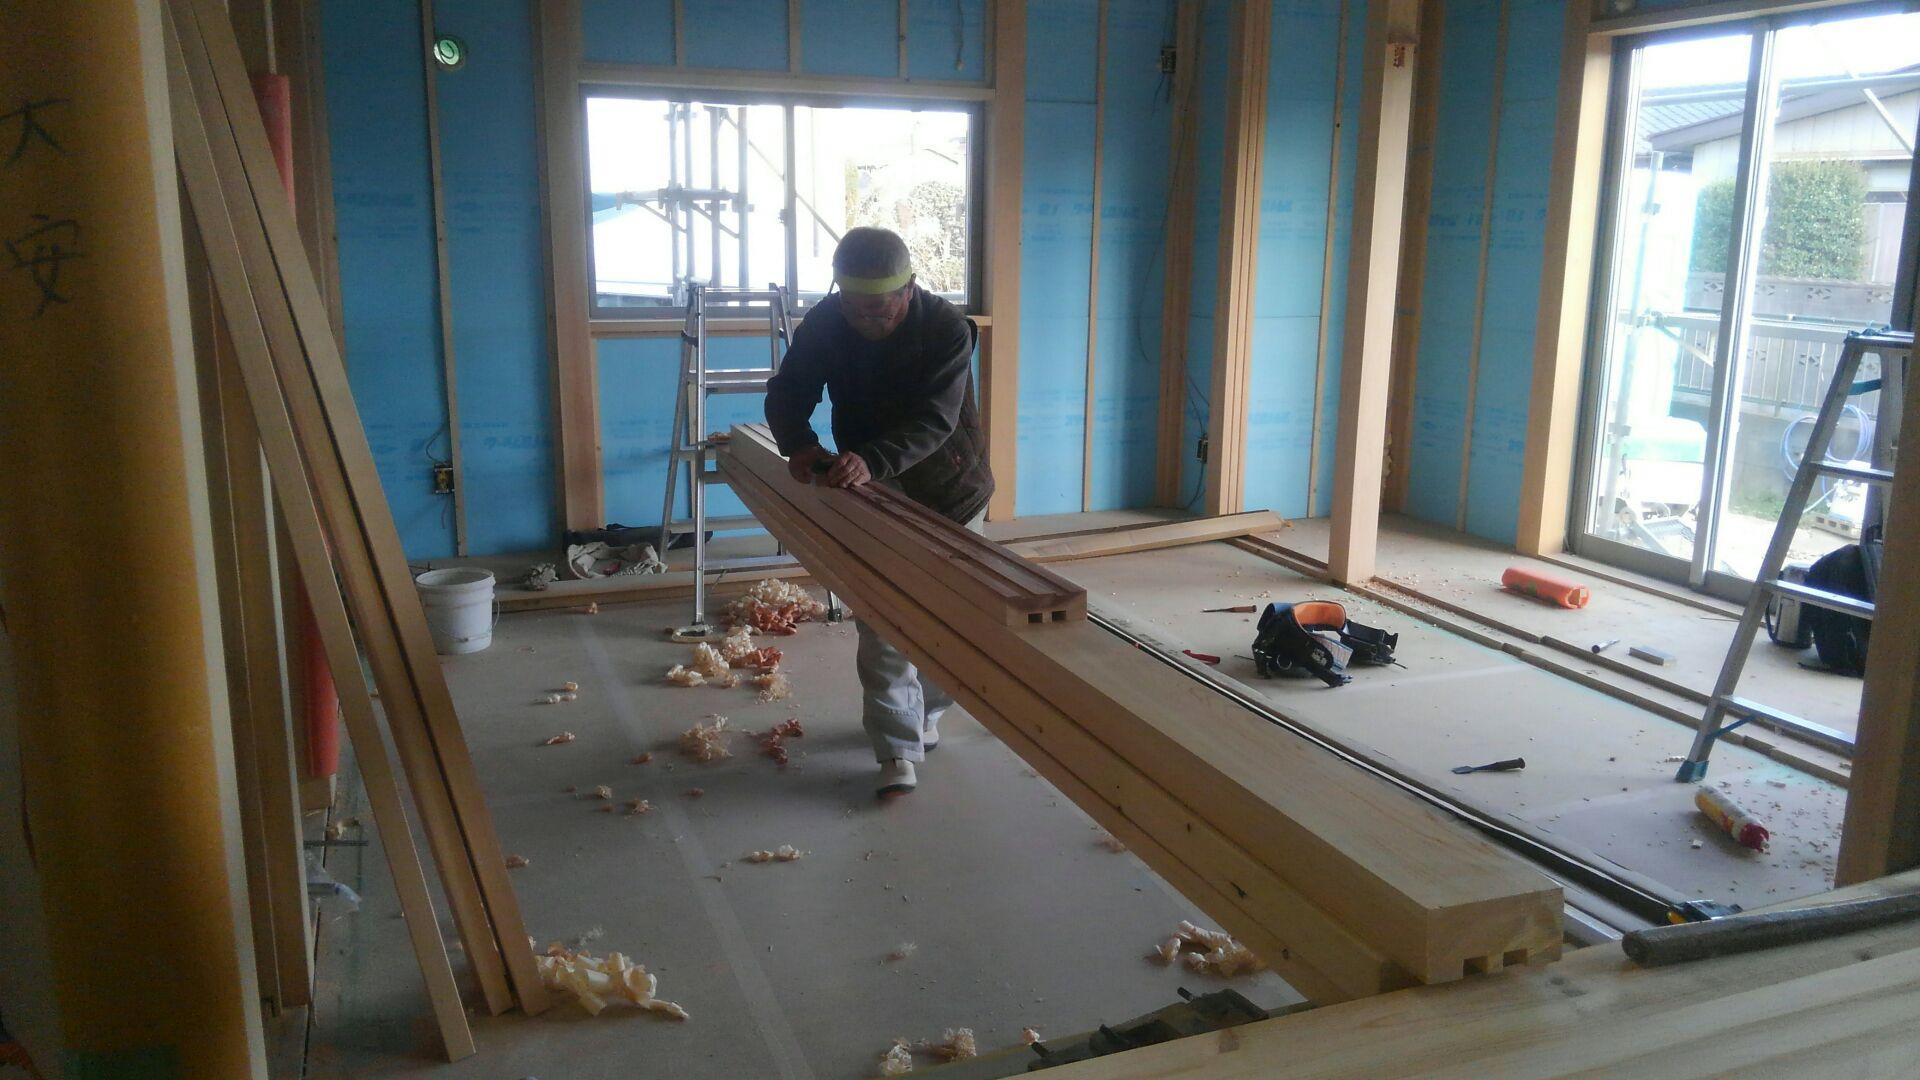 大工さんが新壁和室の造作を始めました。一本一本鉋(かんな)をかけて、内法(敷居・鴨居)を仕上げていきます。